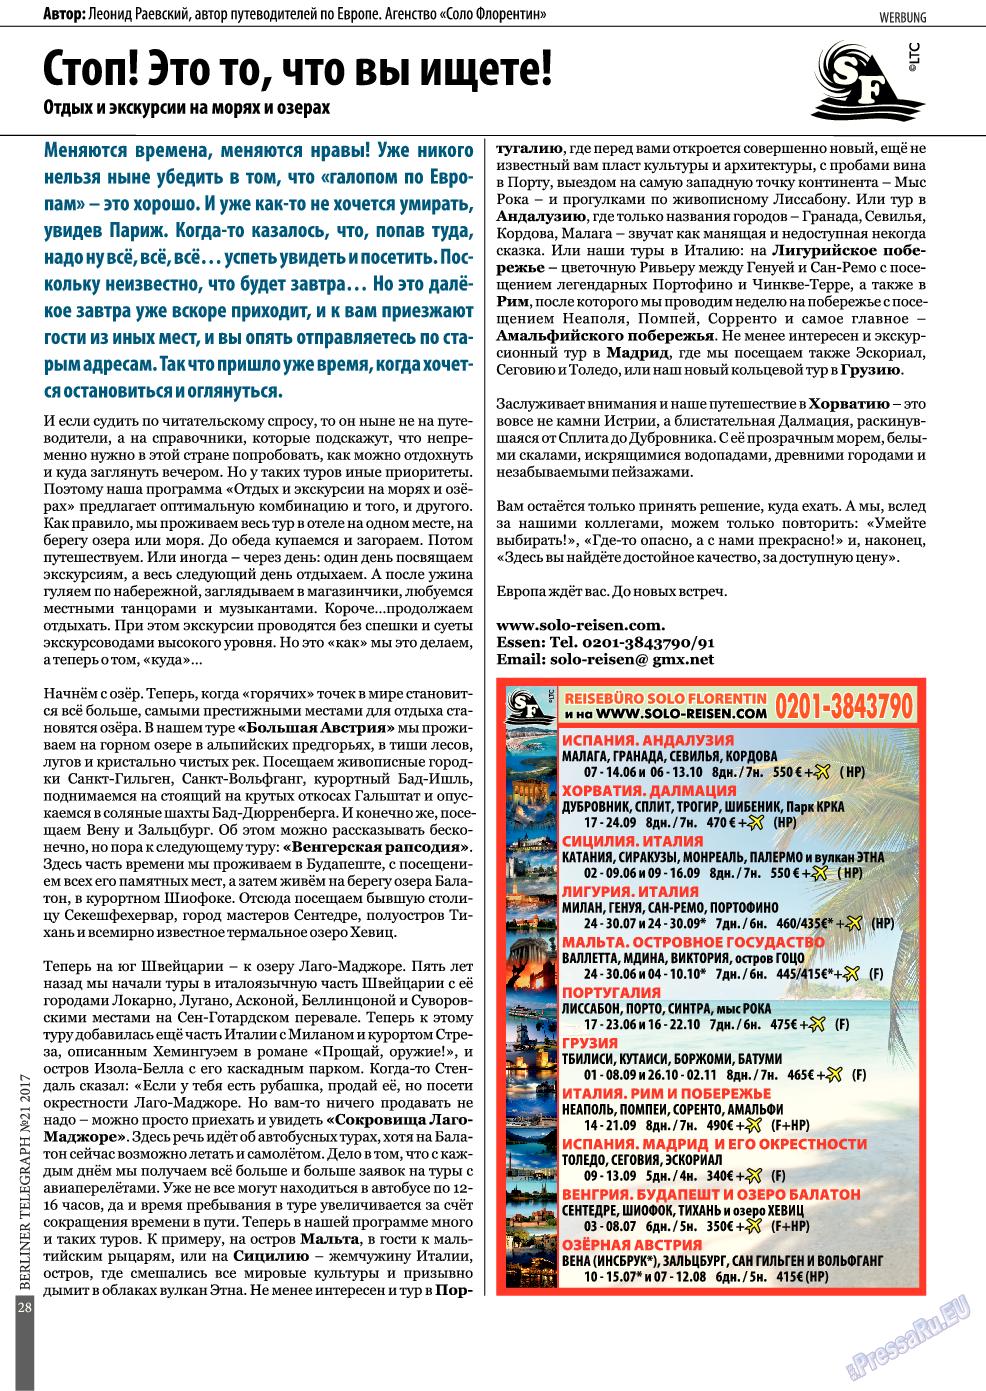 Берлинский телеграф (журнал). 2017 год, номер 21, стр. 28